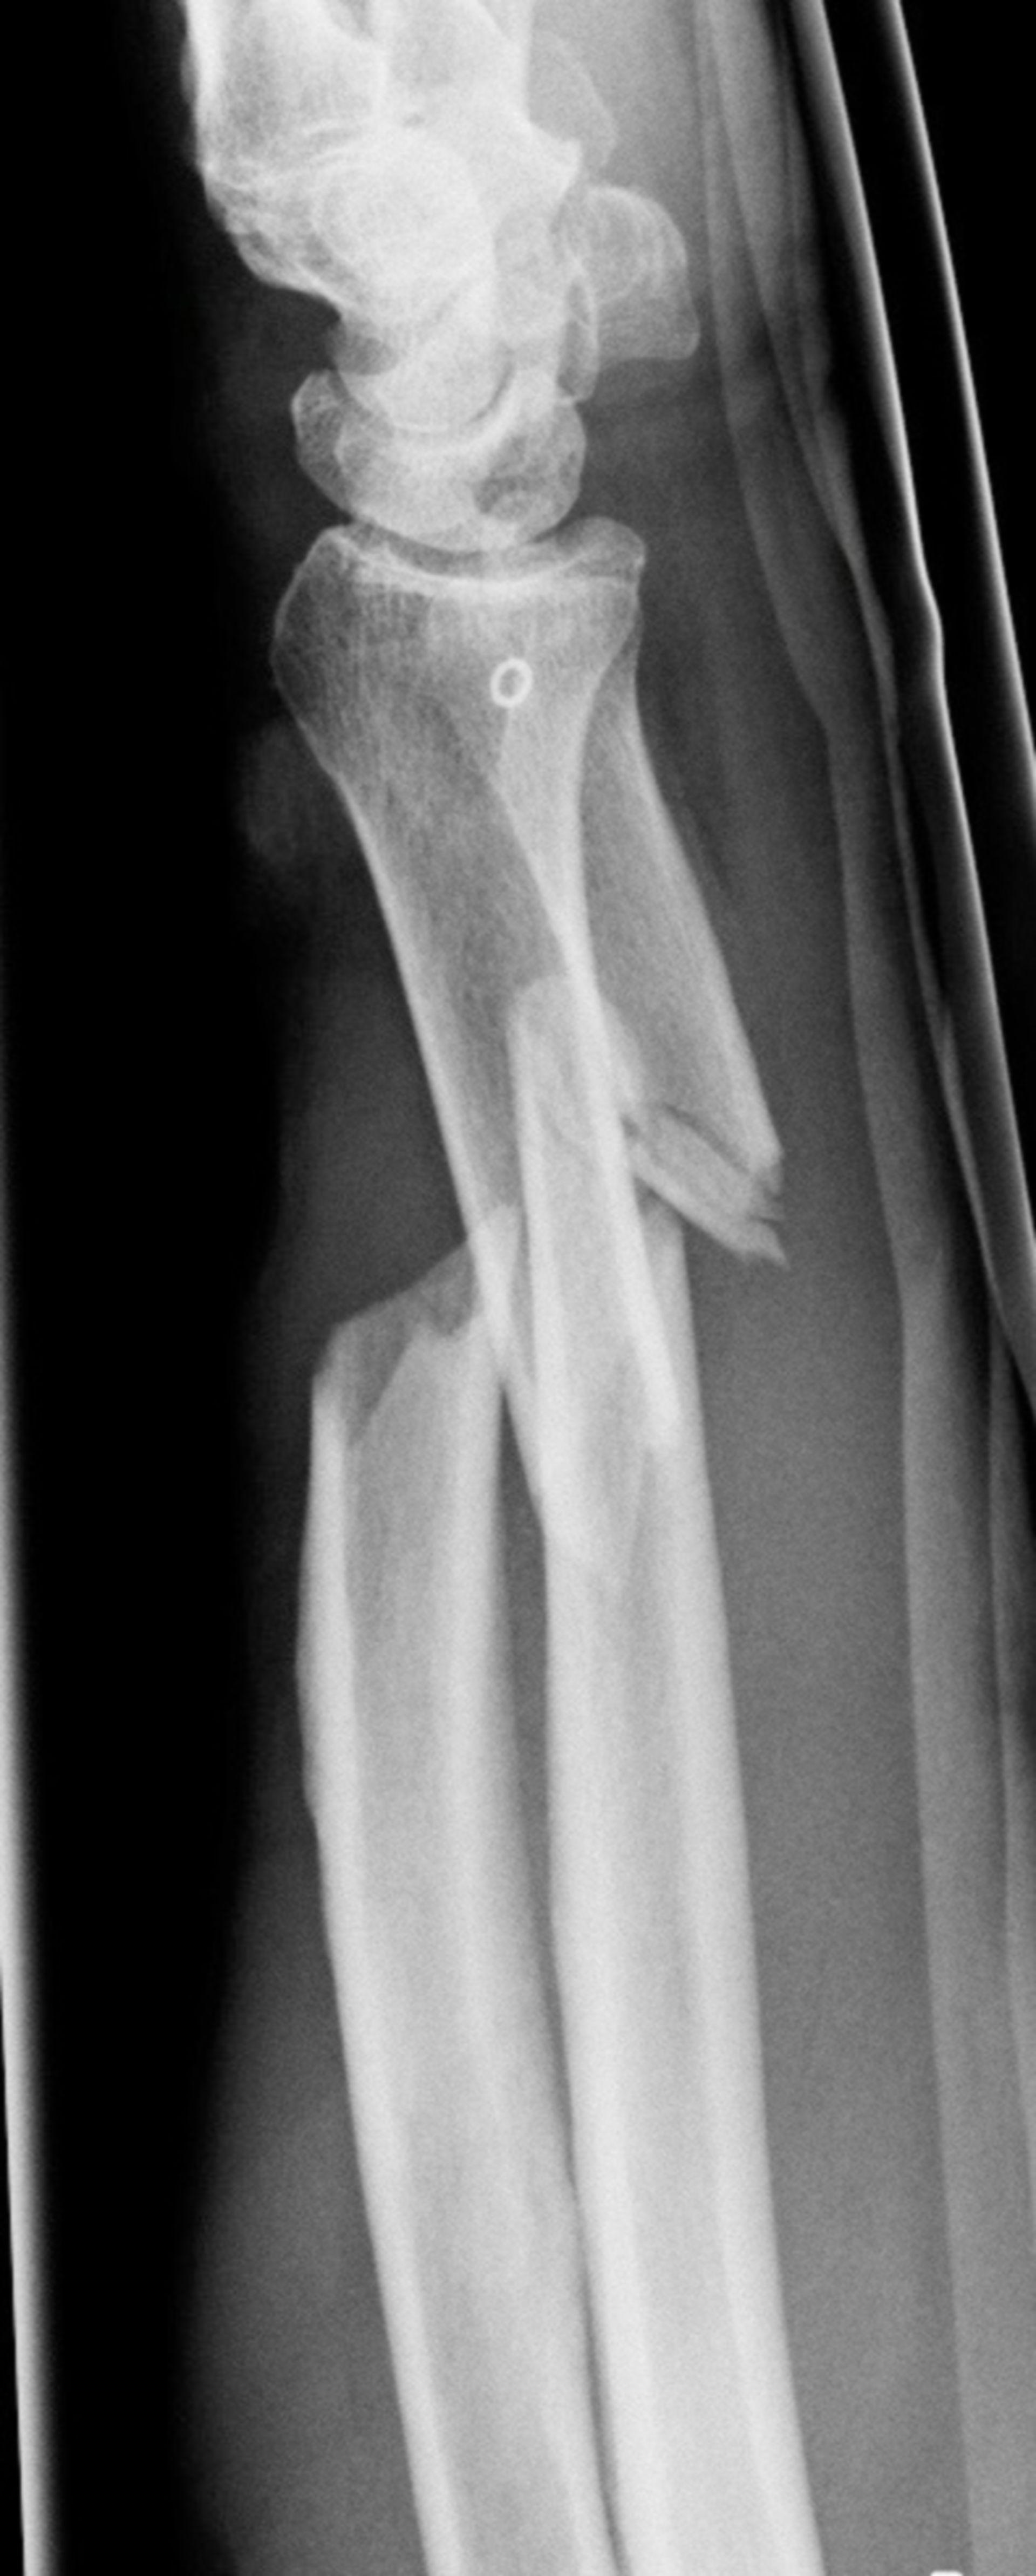 Röntgen des distalen Unterarmes von lateral mit Darstellung einer kompletten Unterarmfraktur